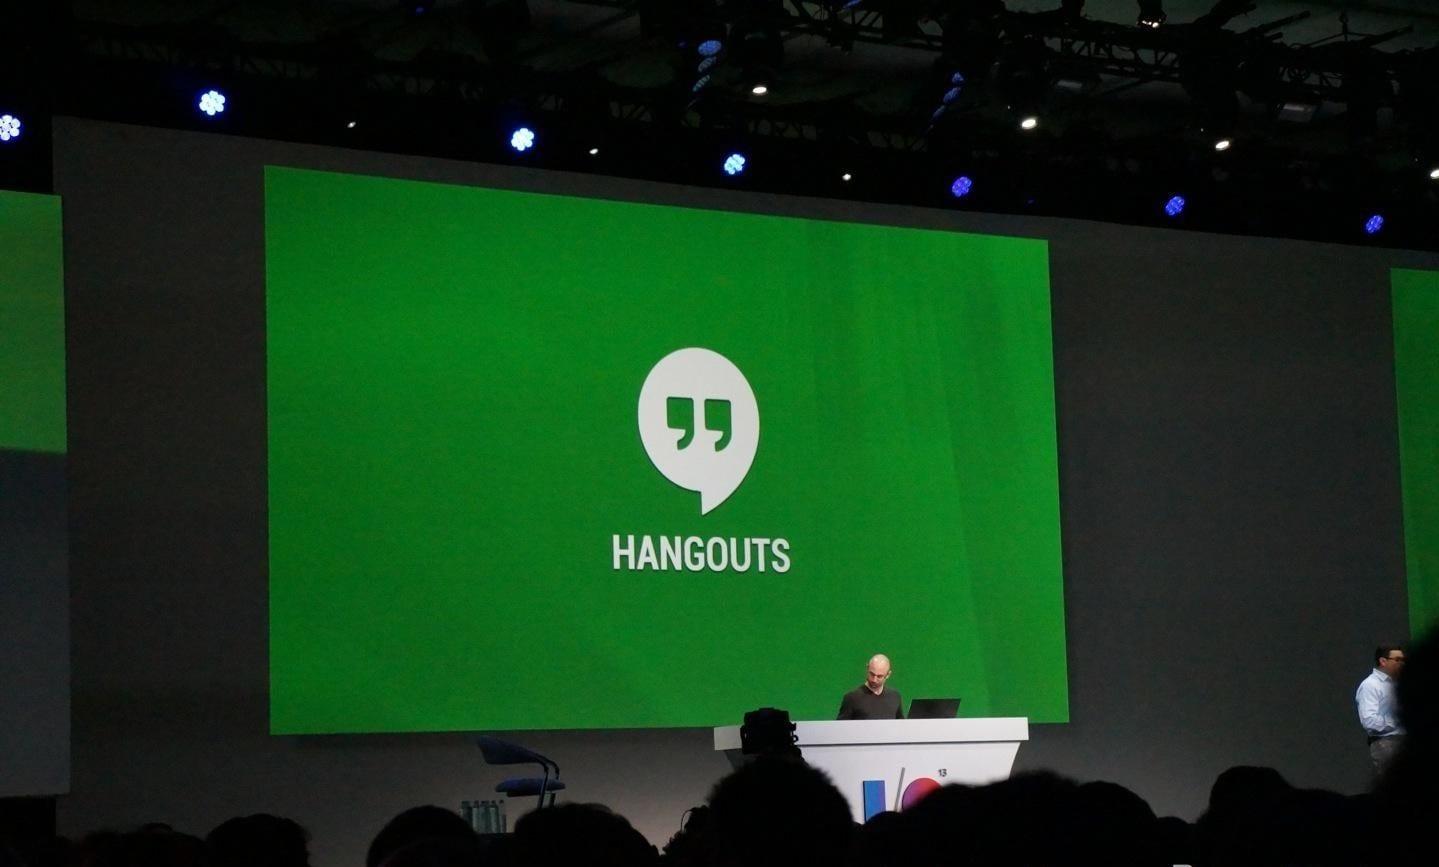 Emoticonos ocultos Hangouts